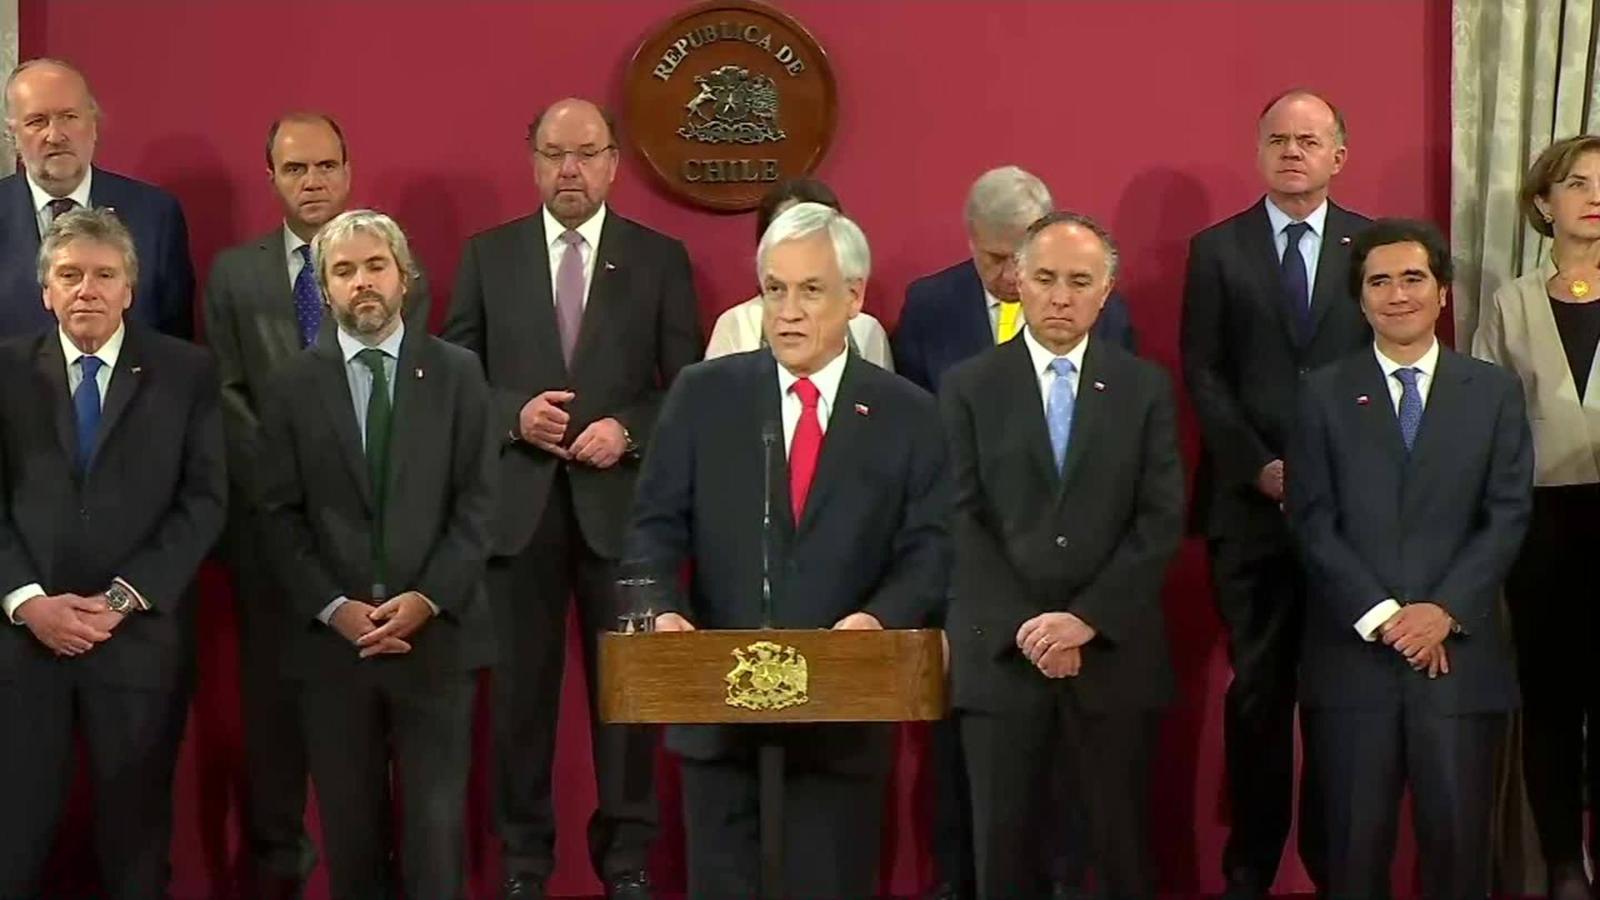 Los cambios en el gabinete y en la agenda social de Chile